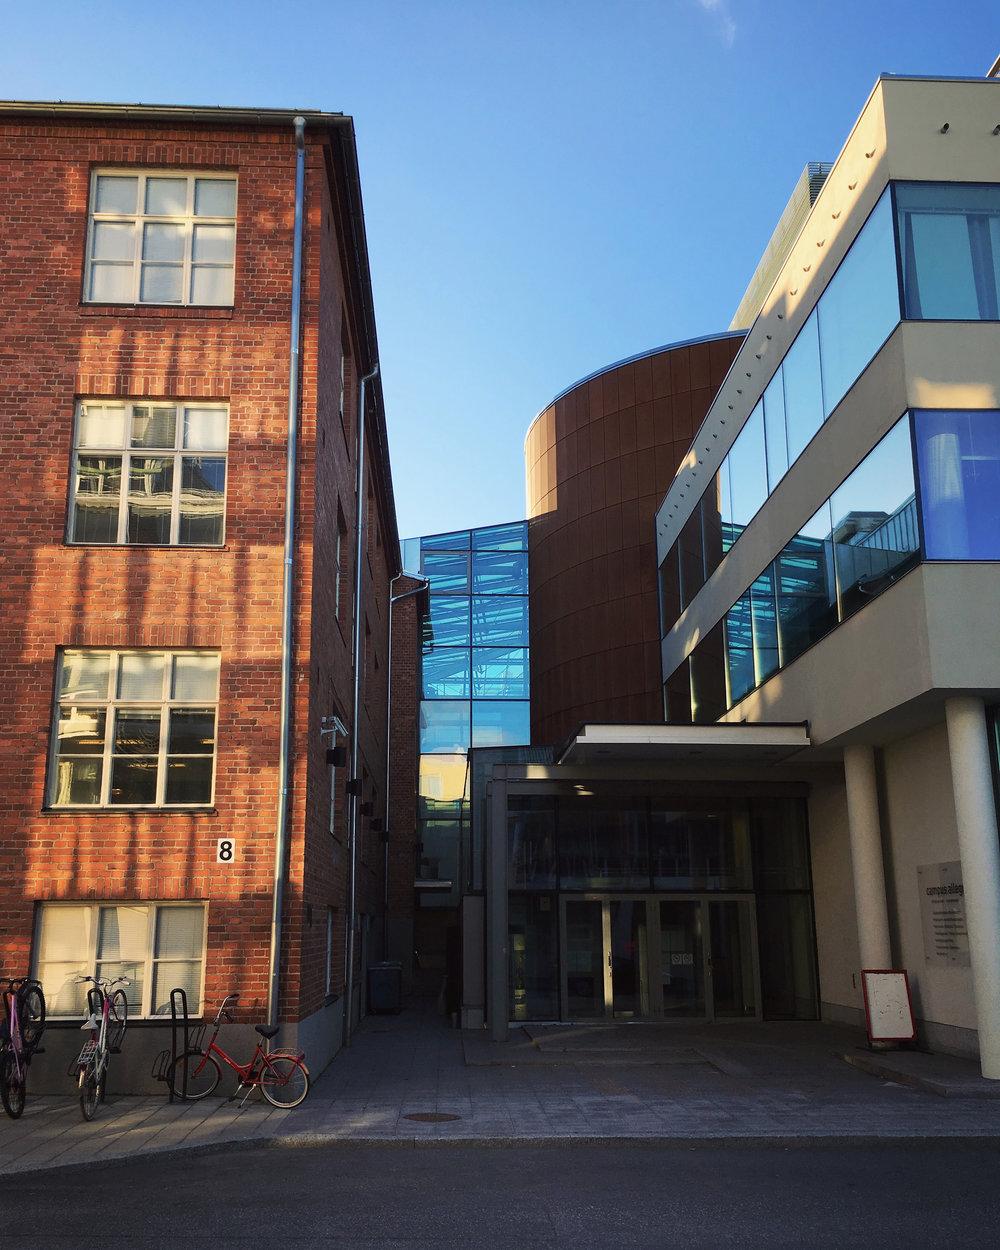 Memento_fotografering-Jakobstad-Campus-Allegro.jpg